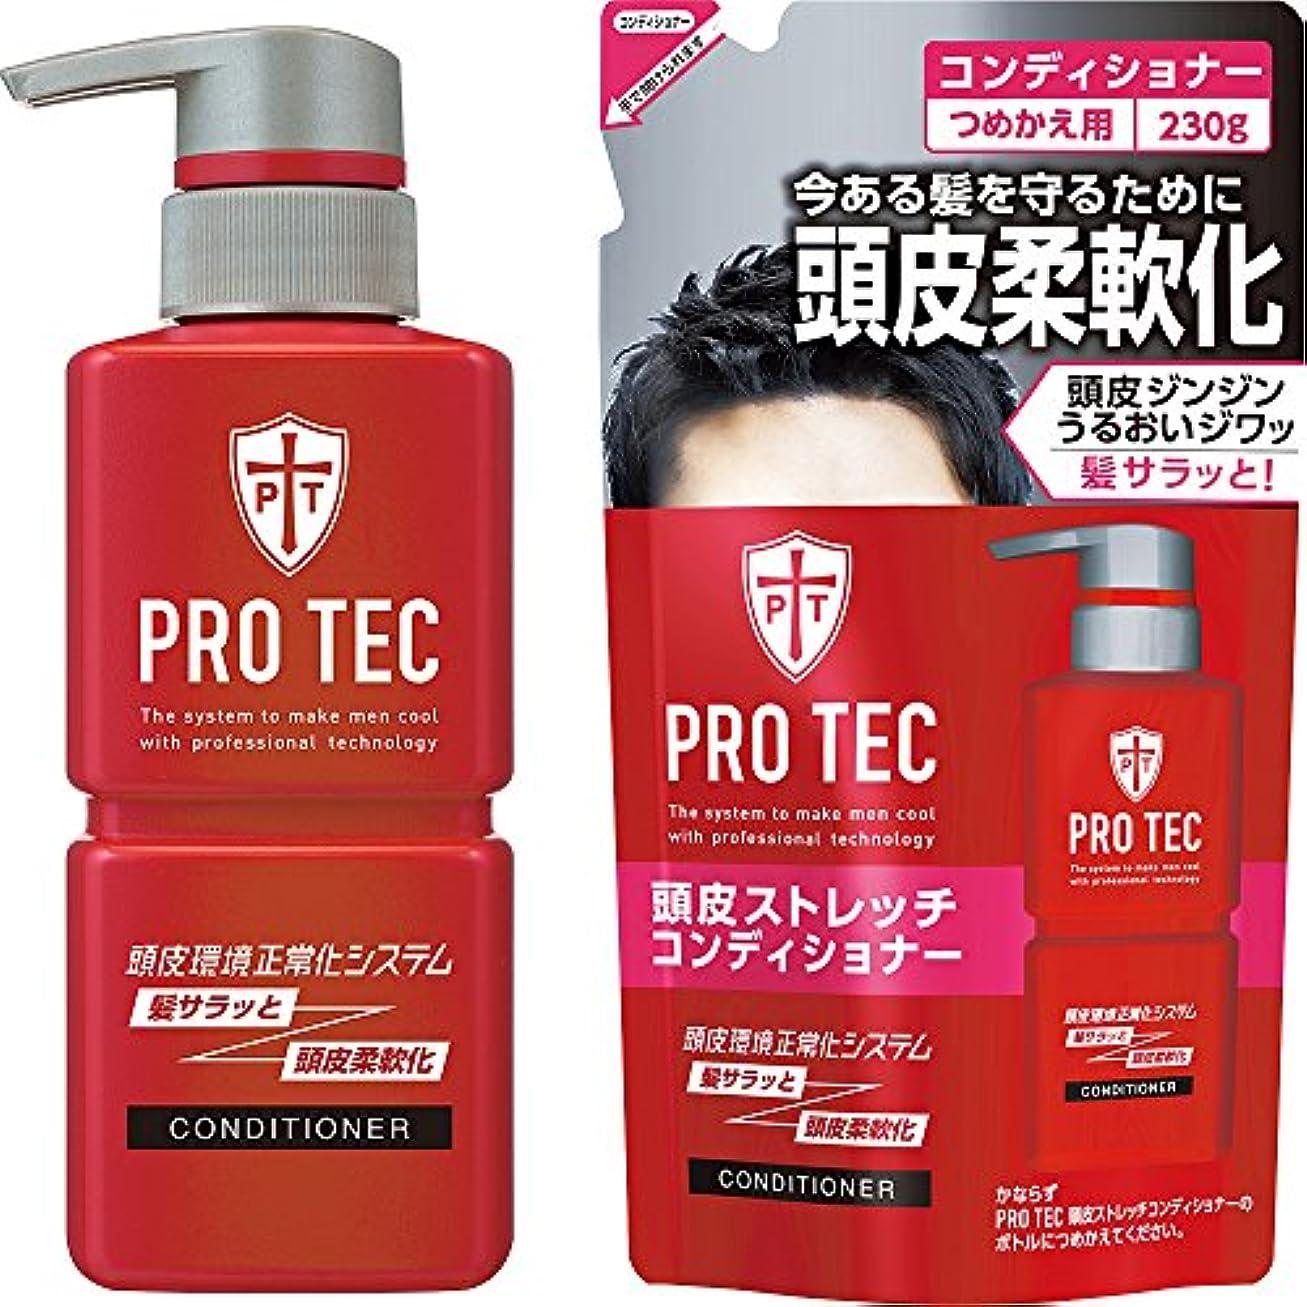 宙返り擬人化近々PRO TEC(プロテク) 頭皮ストレッチコンディショナー 本体ポンプ300g+詰め替え230g セット(医薬部外品)